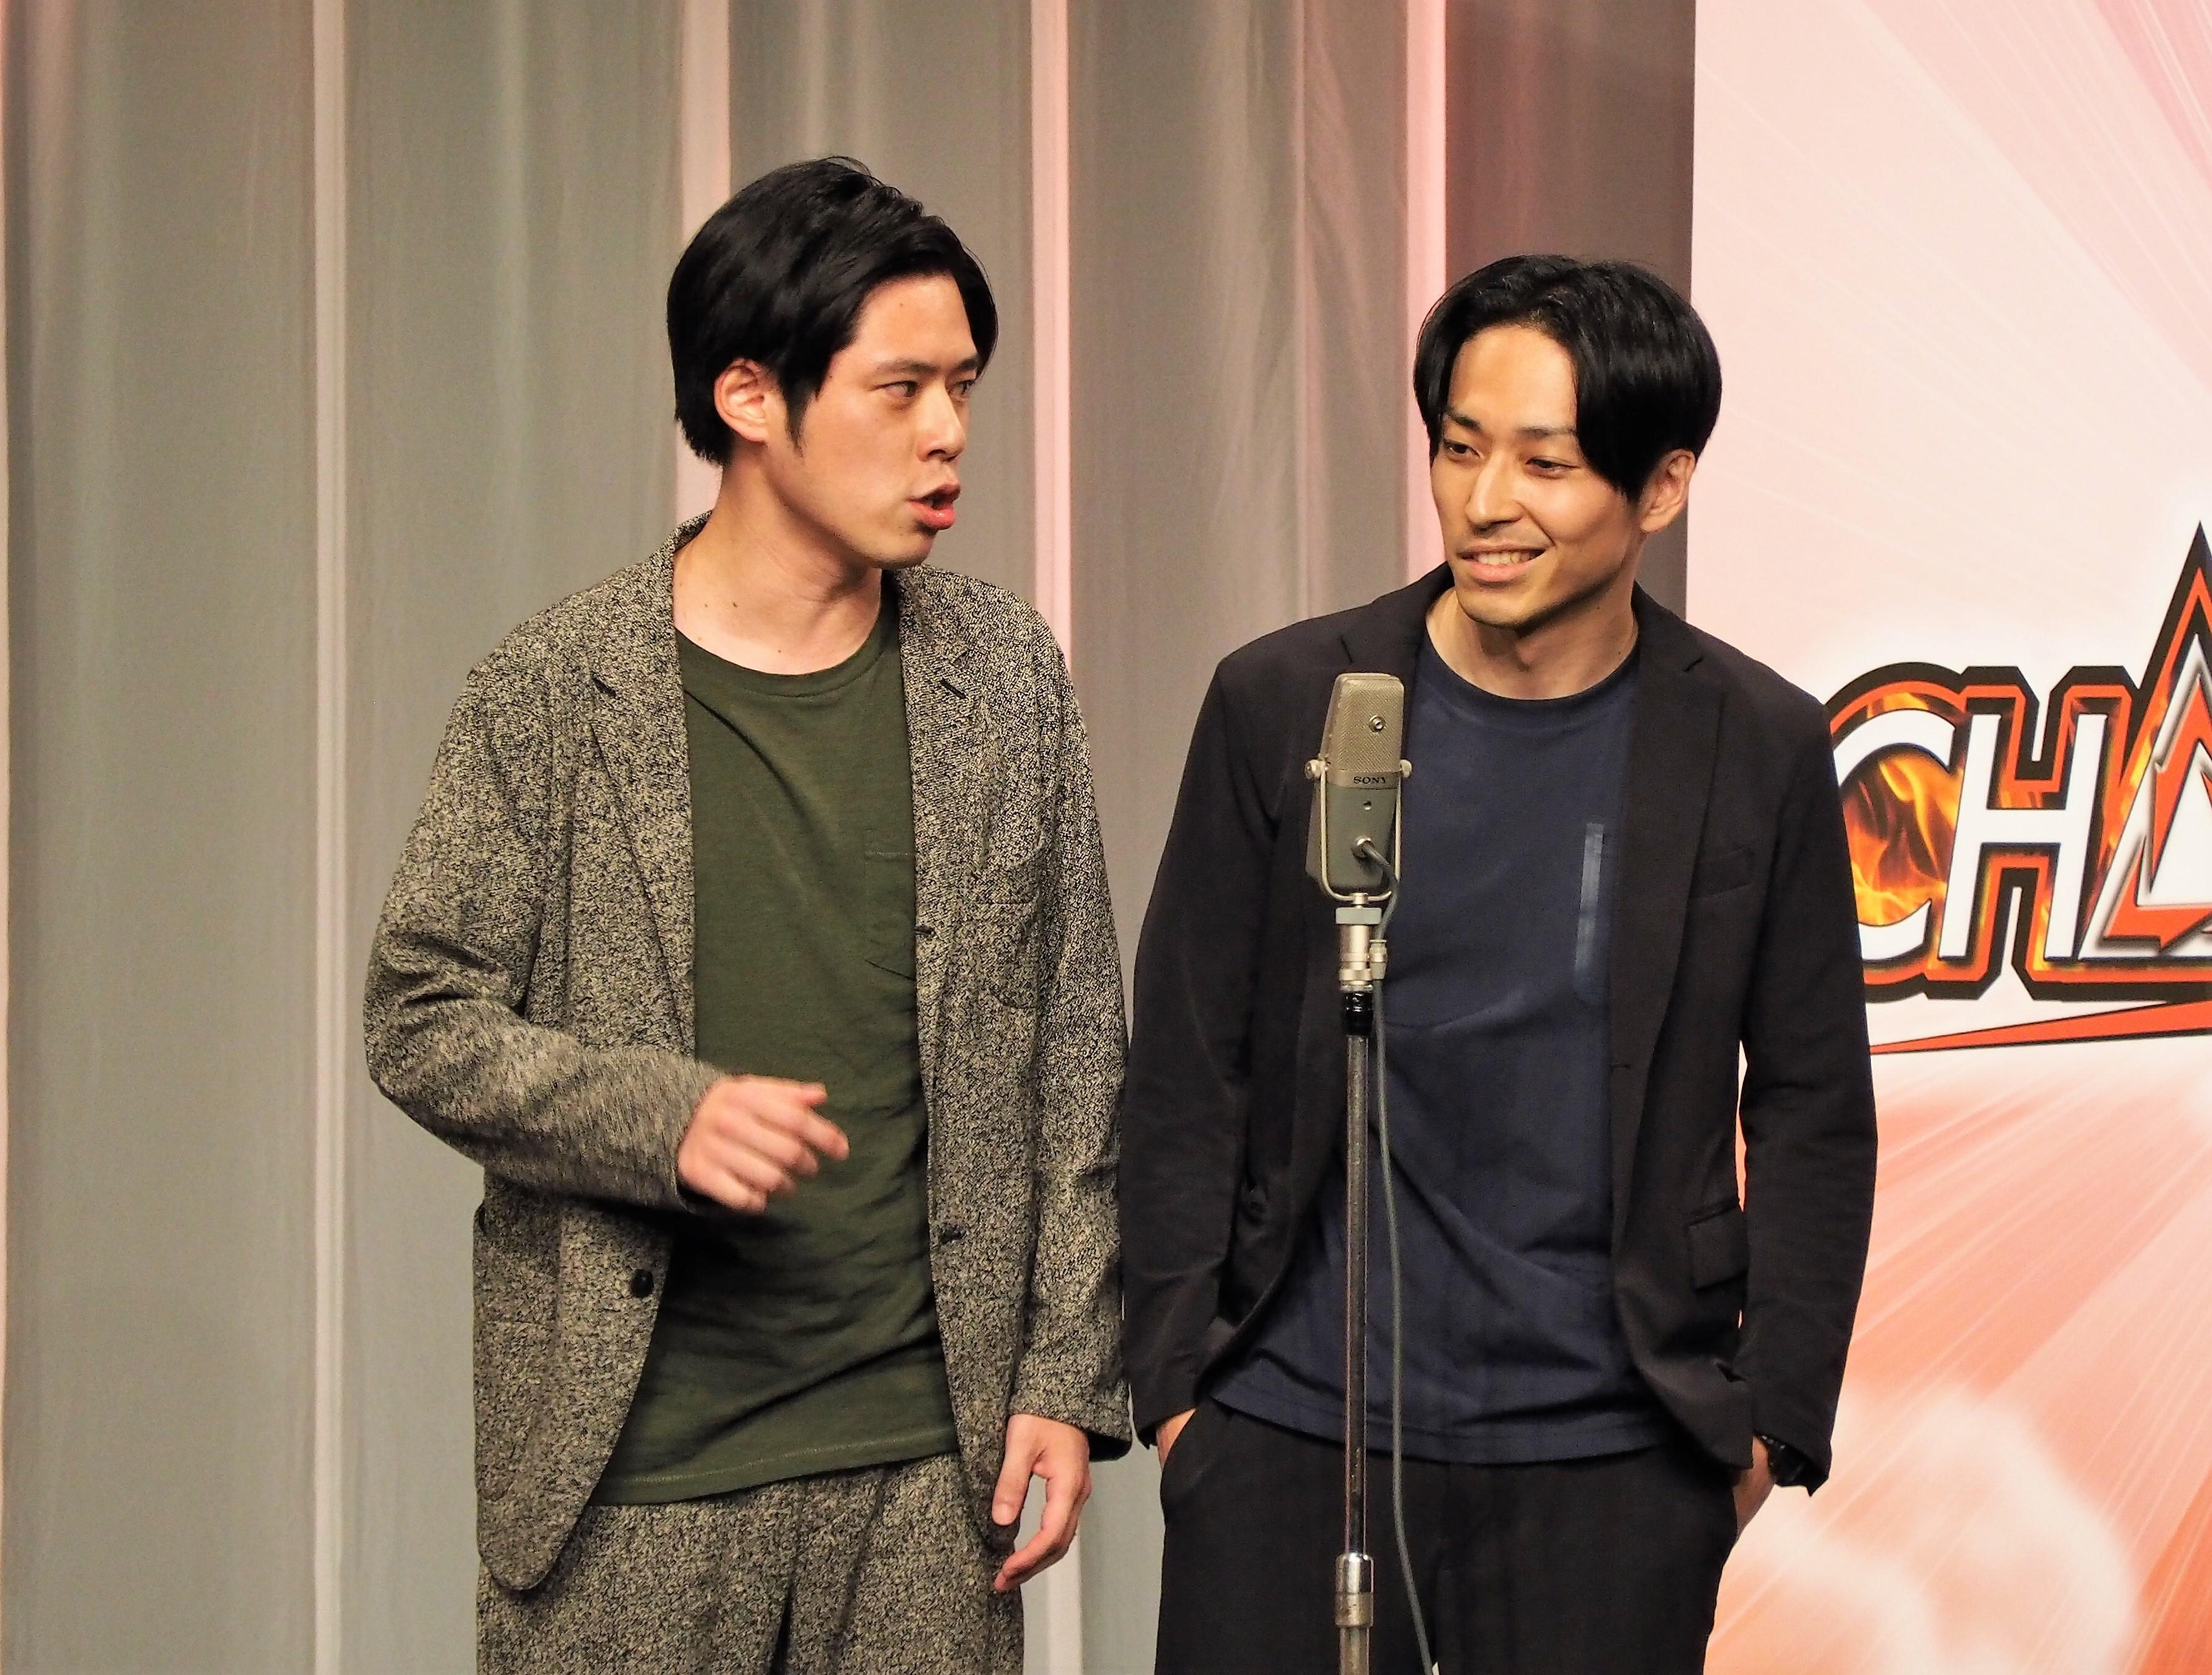 http://news.yoshimoto.co.jp/20180704114909-0dba952ff61757ca37c524940b960757d1110229.jpg